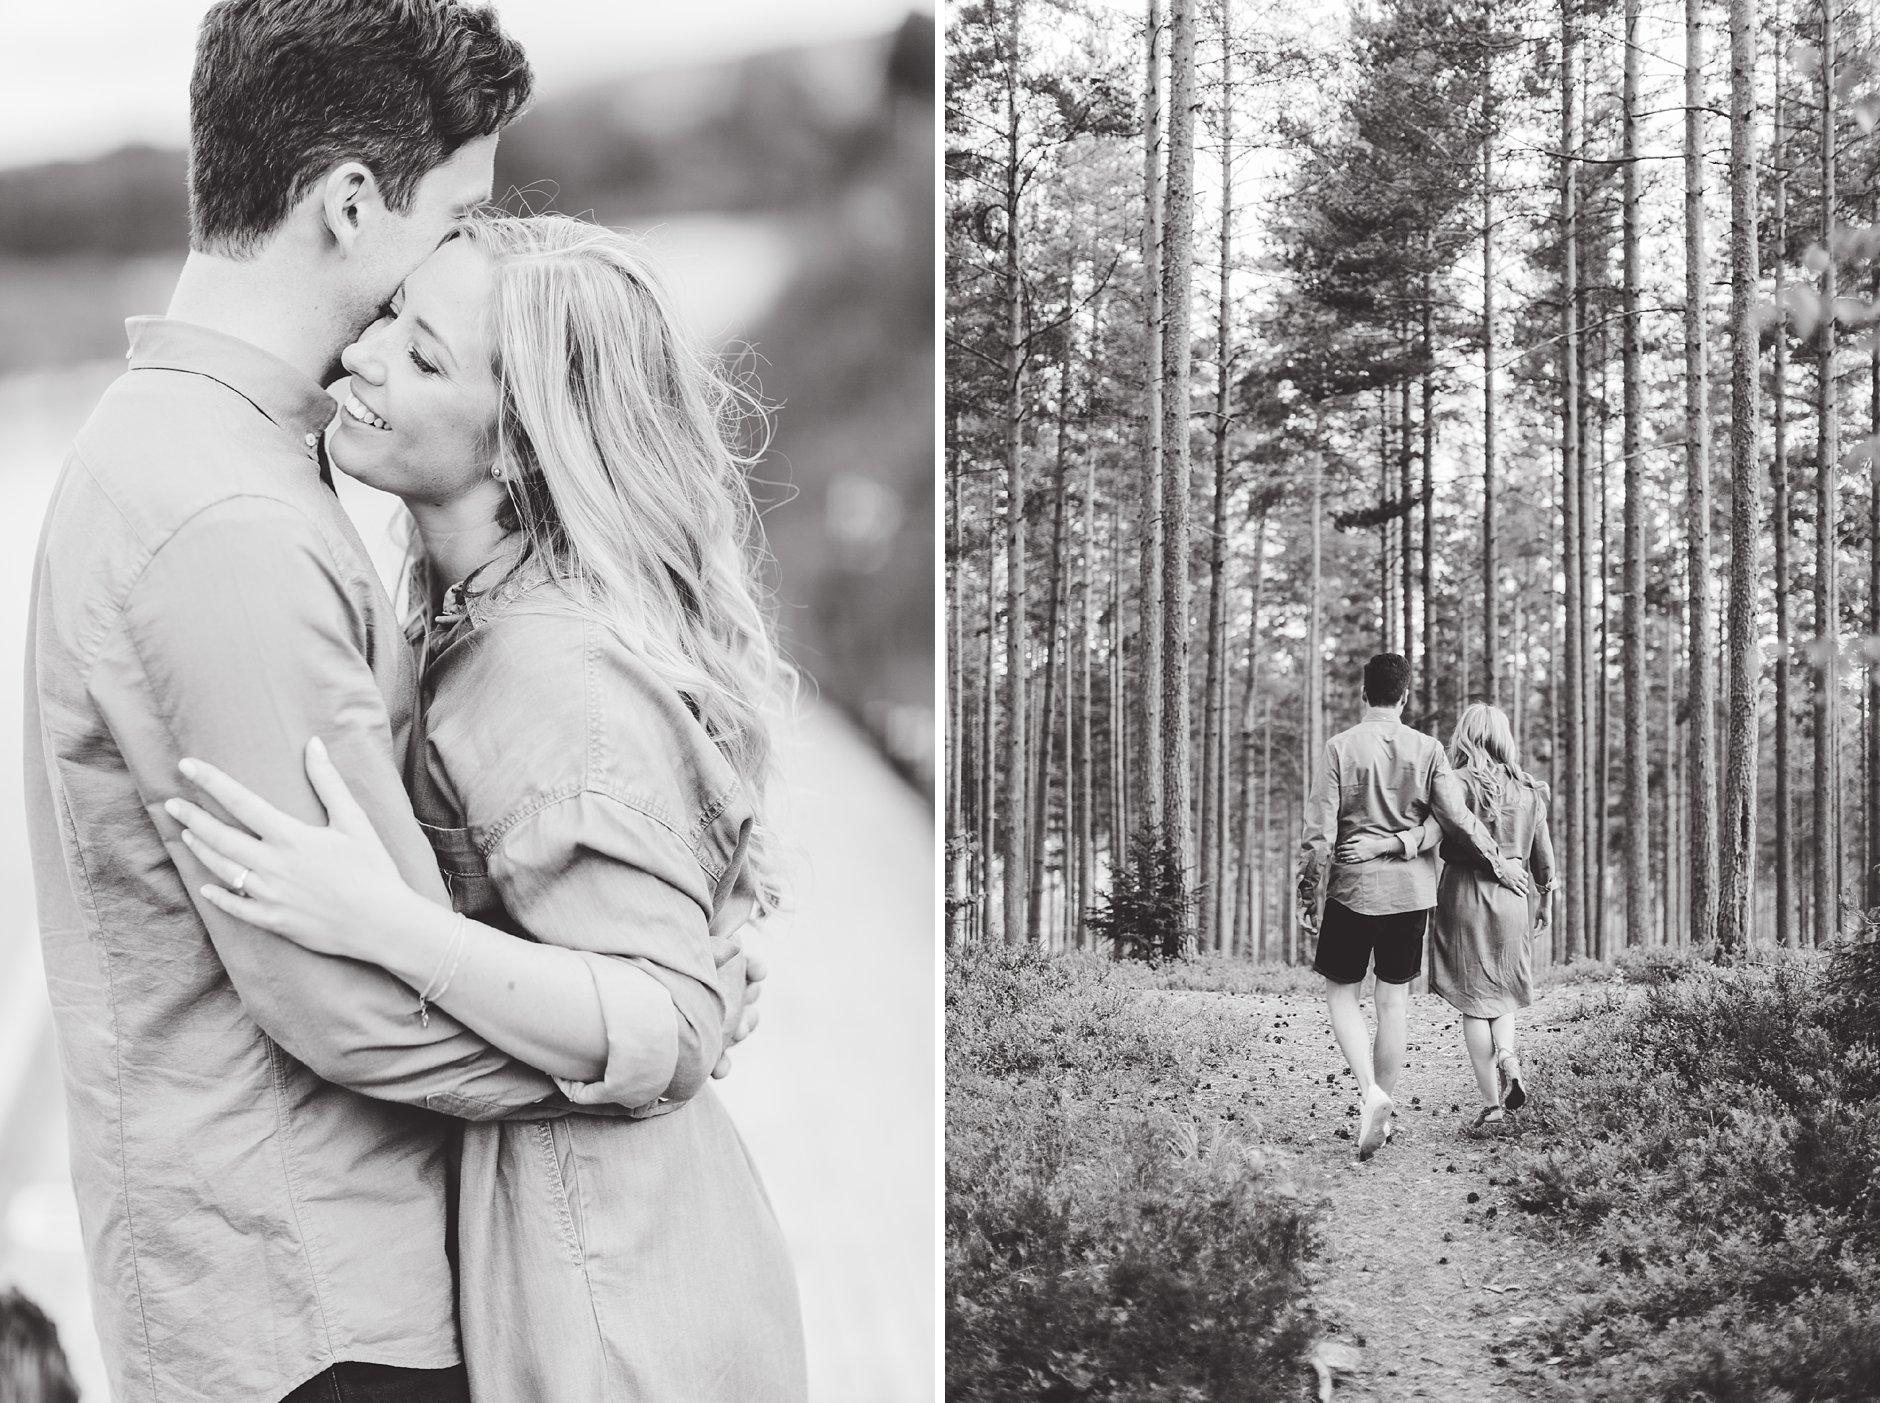 Kjærestebilder i skogen